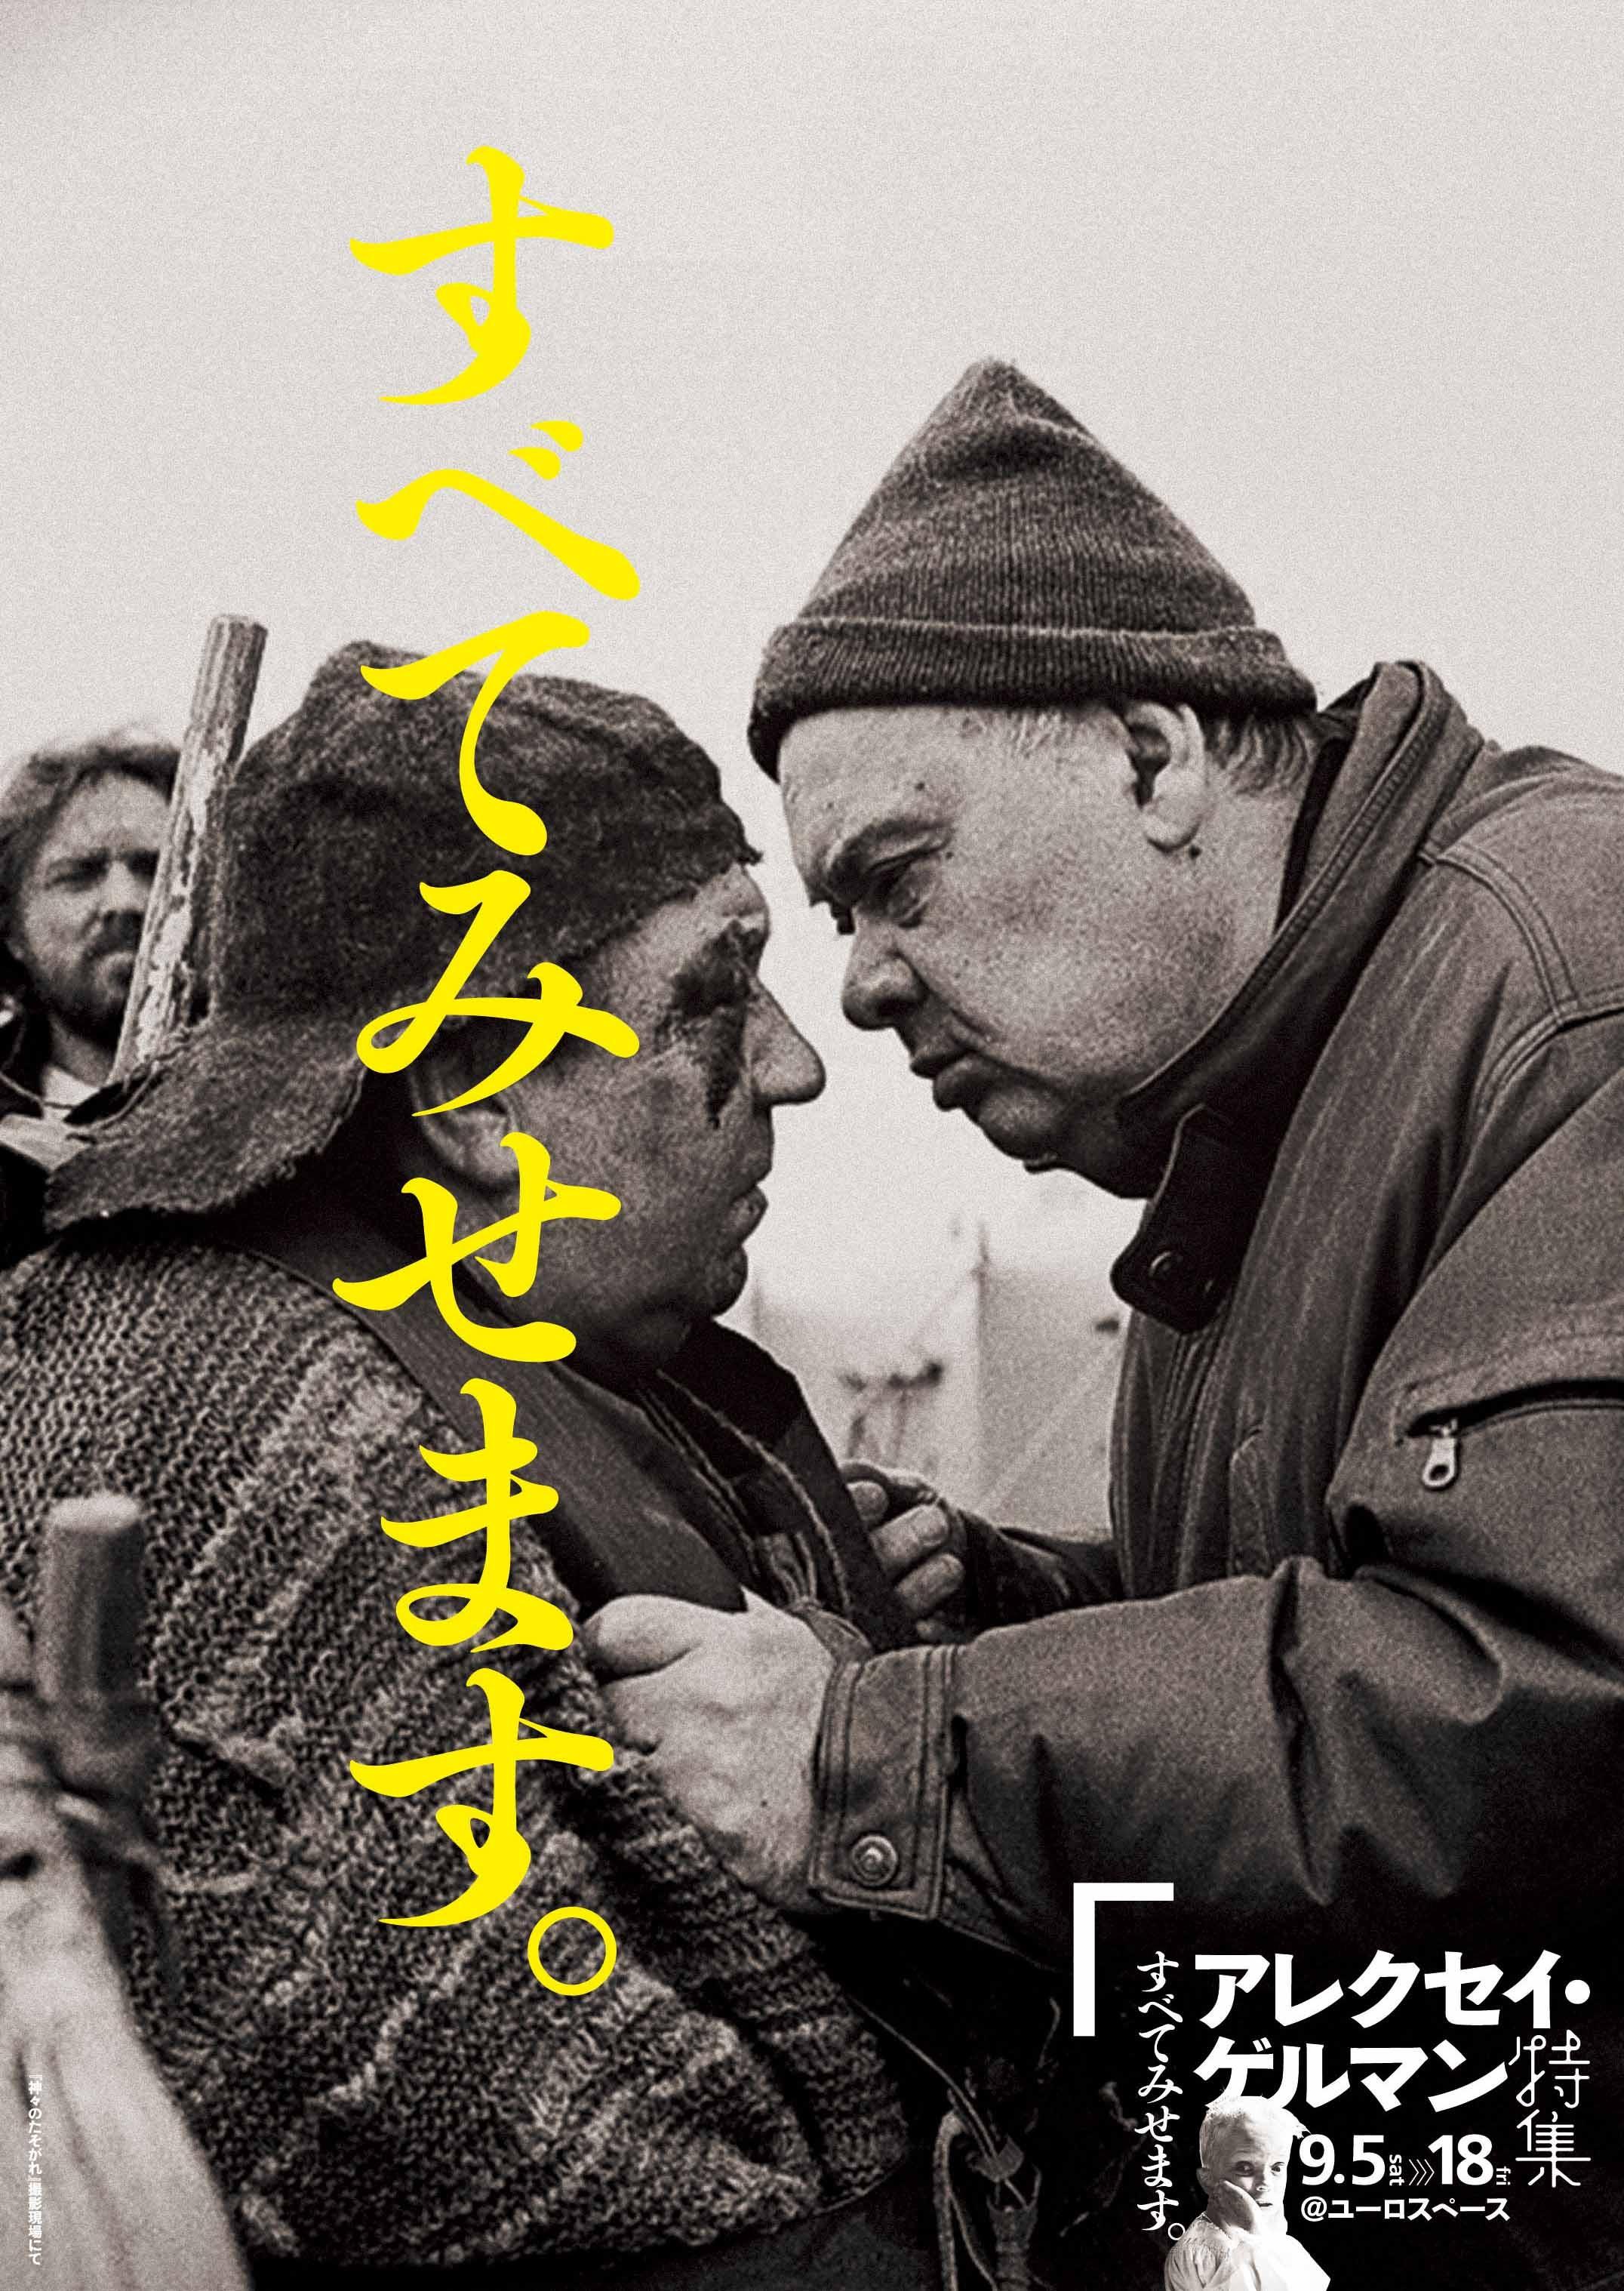 「神々のたそがれ」A・ゲルマン監督全作品を上映「すべてみせます アレクセイ・ゲルマン特集」開催